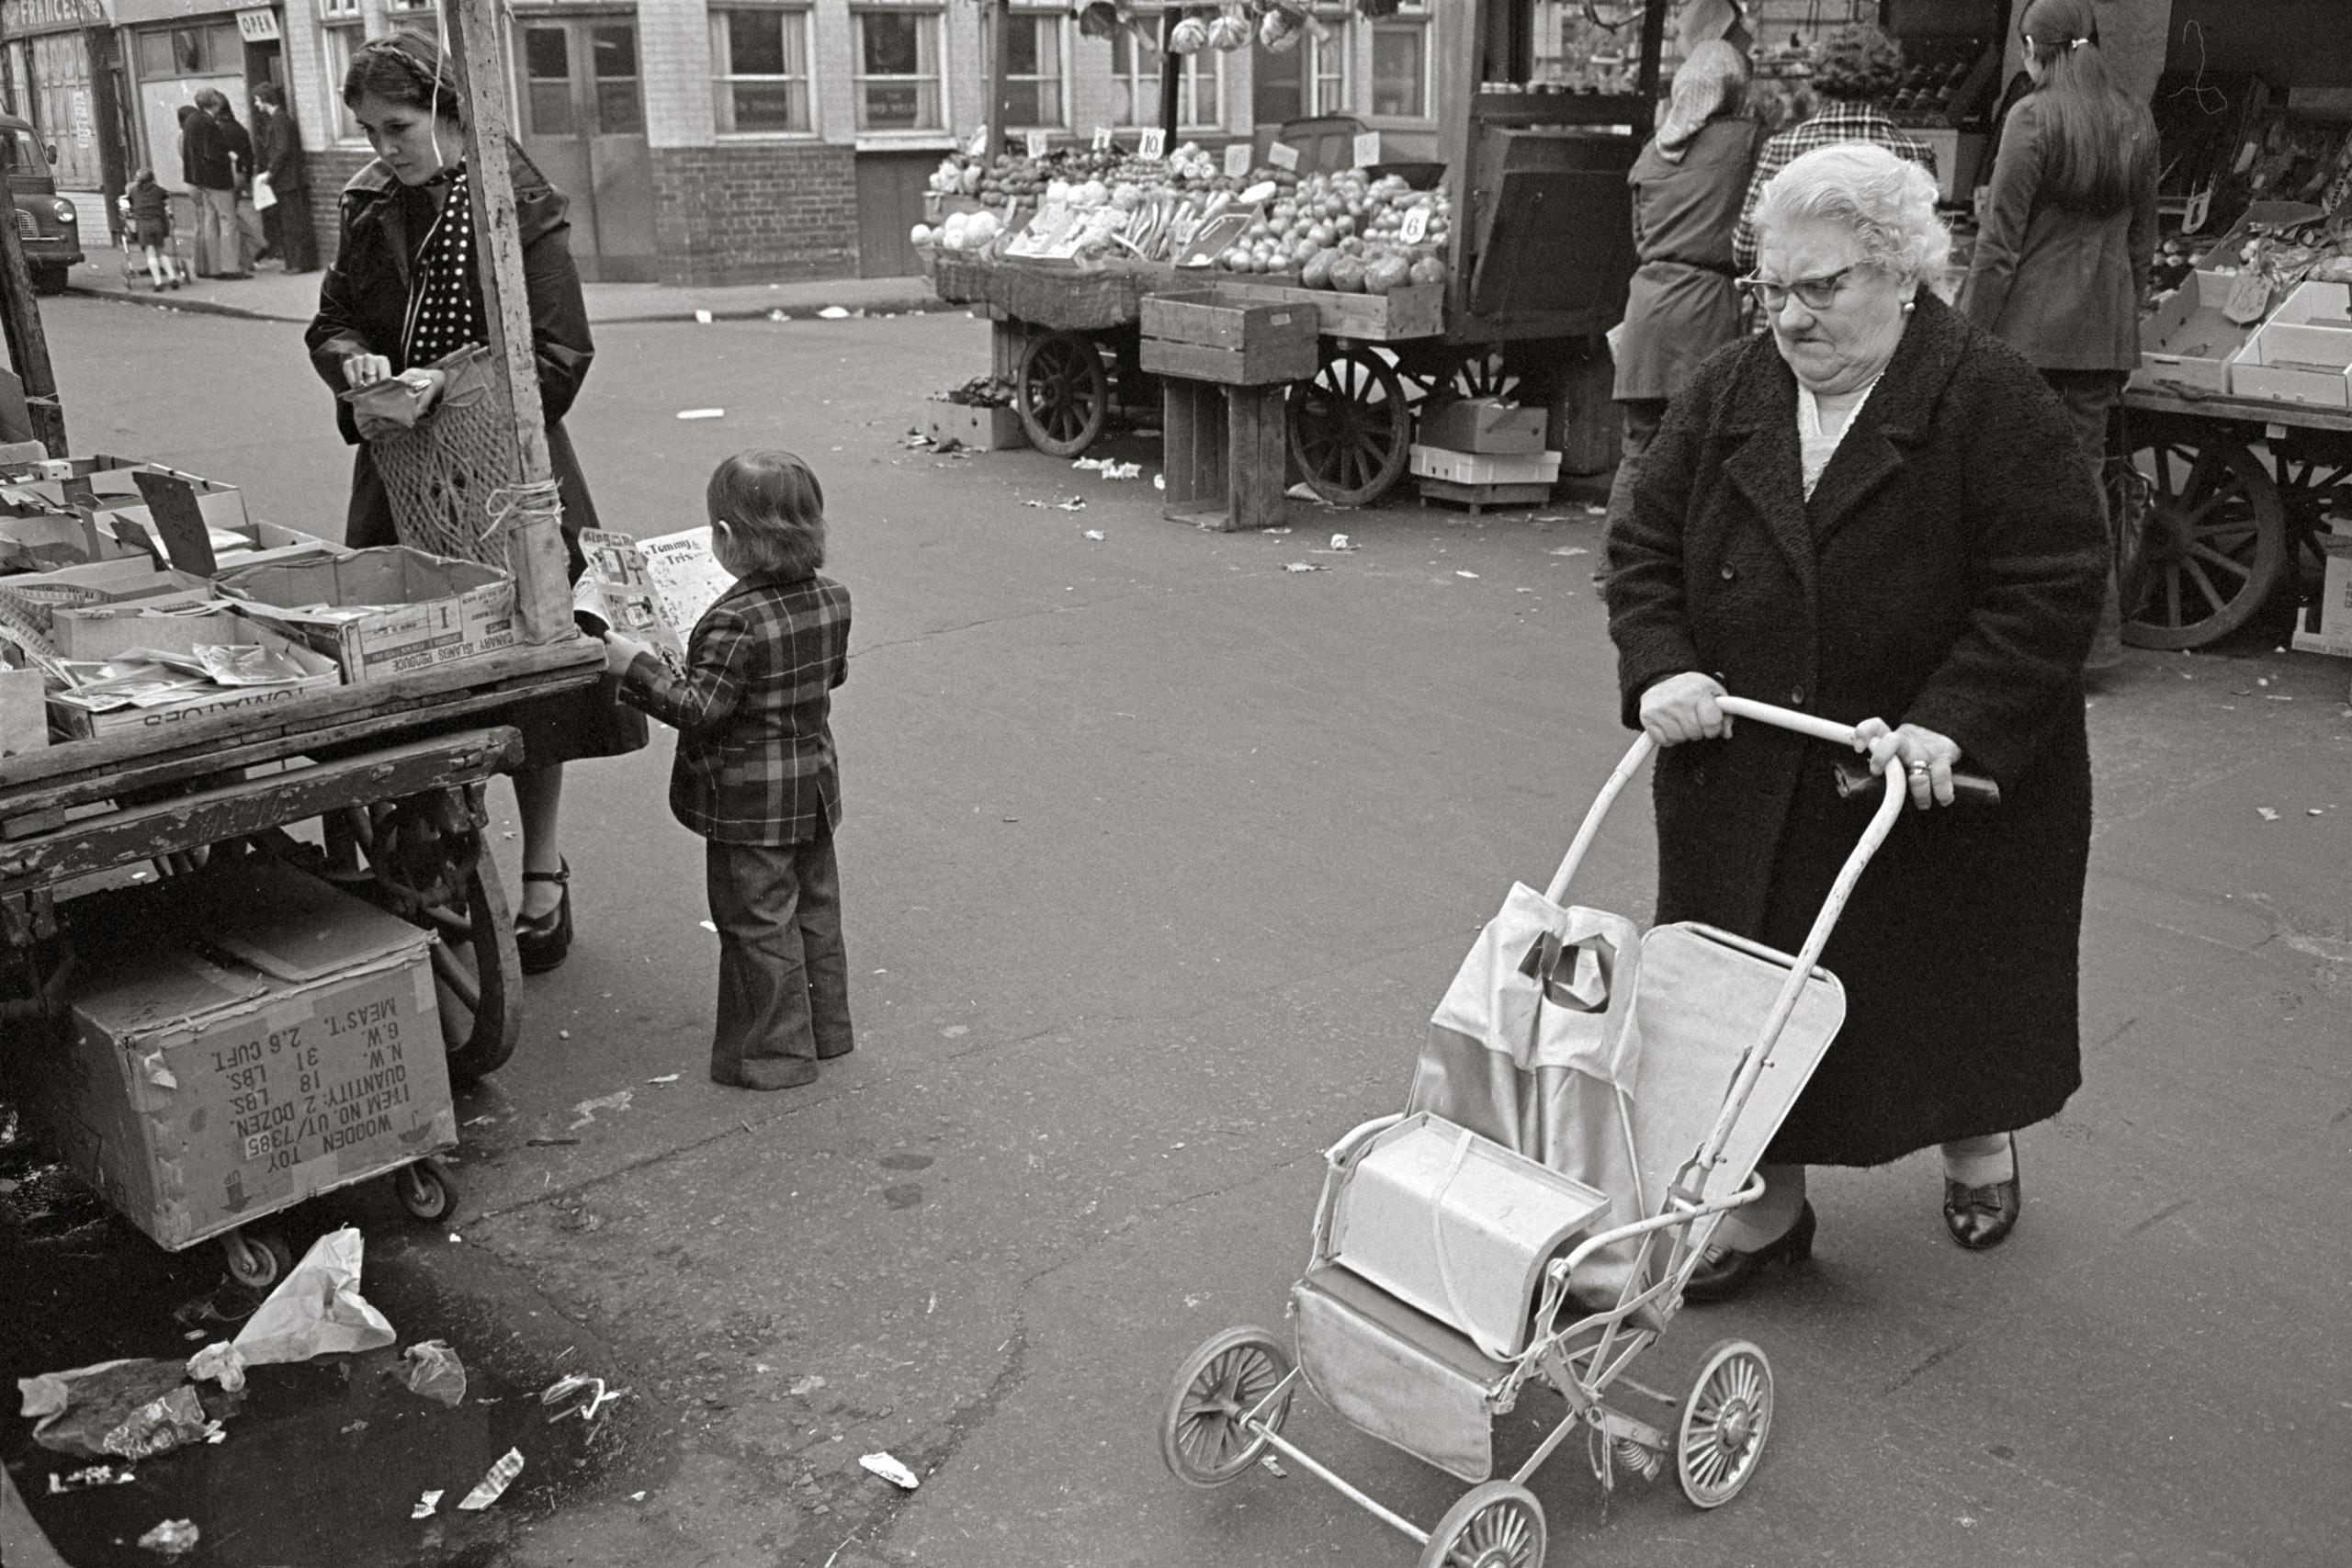 Tony Bock, Shoppers, Watney Street Market, London, 1976